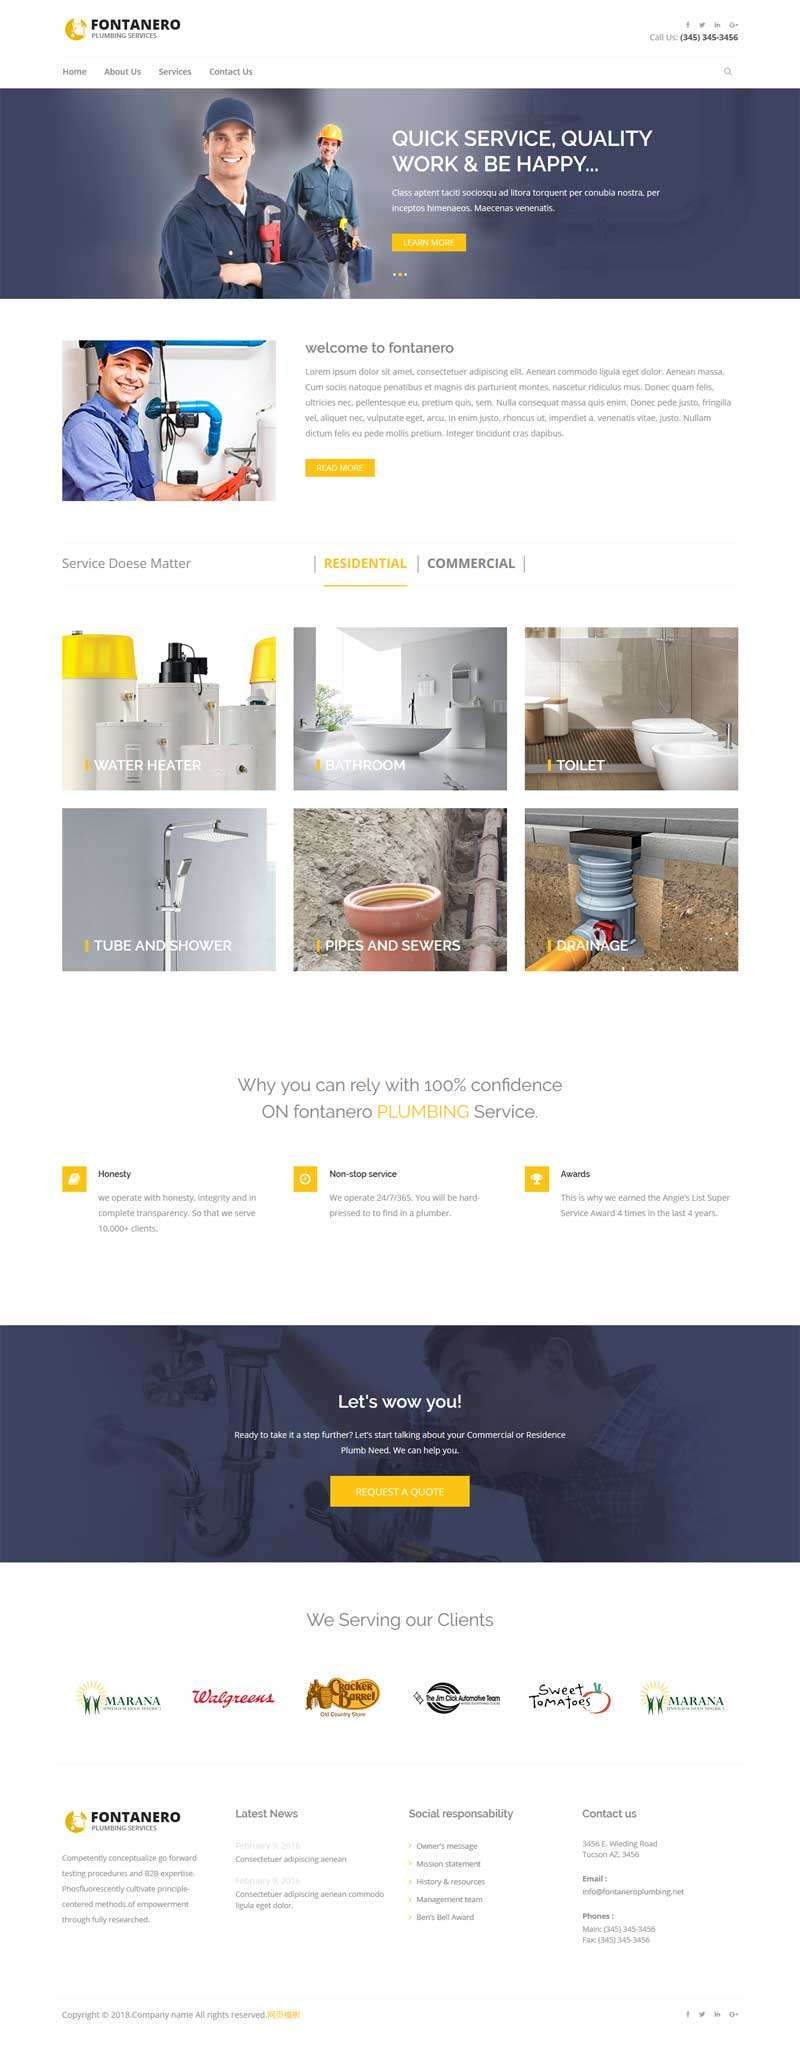 水管卫浴维修服务公司网站模板